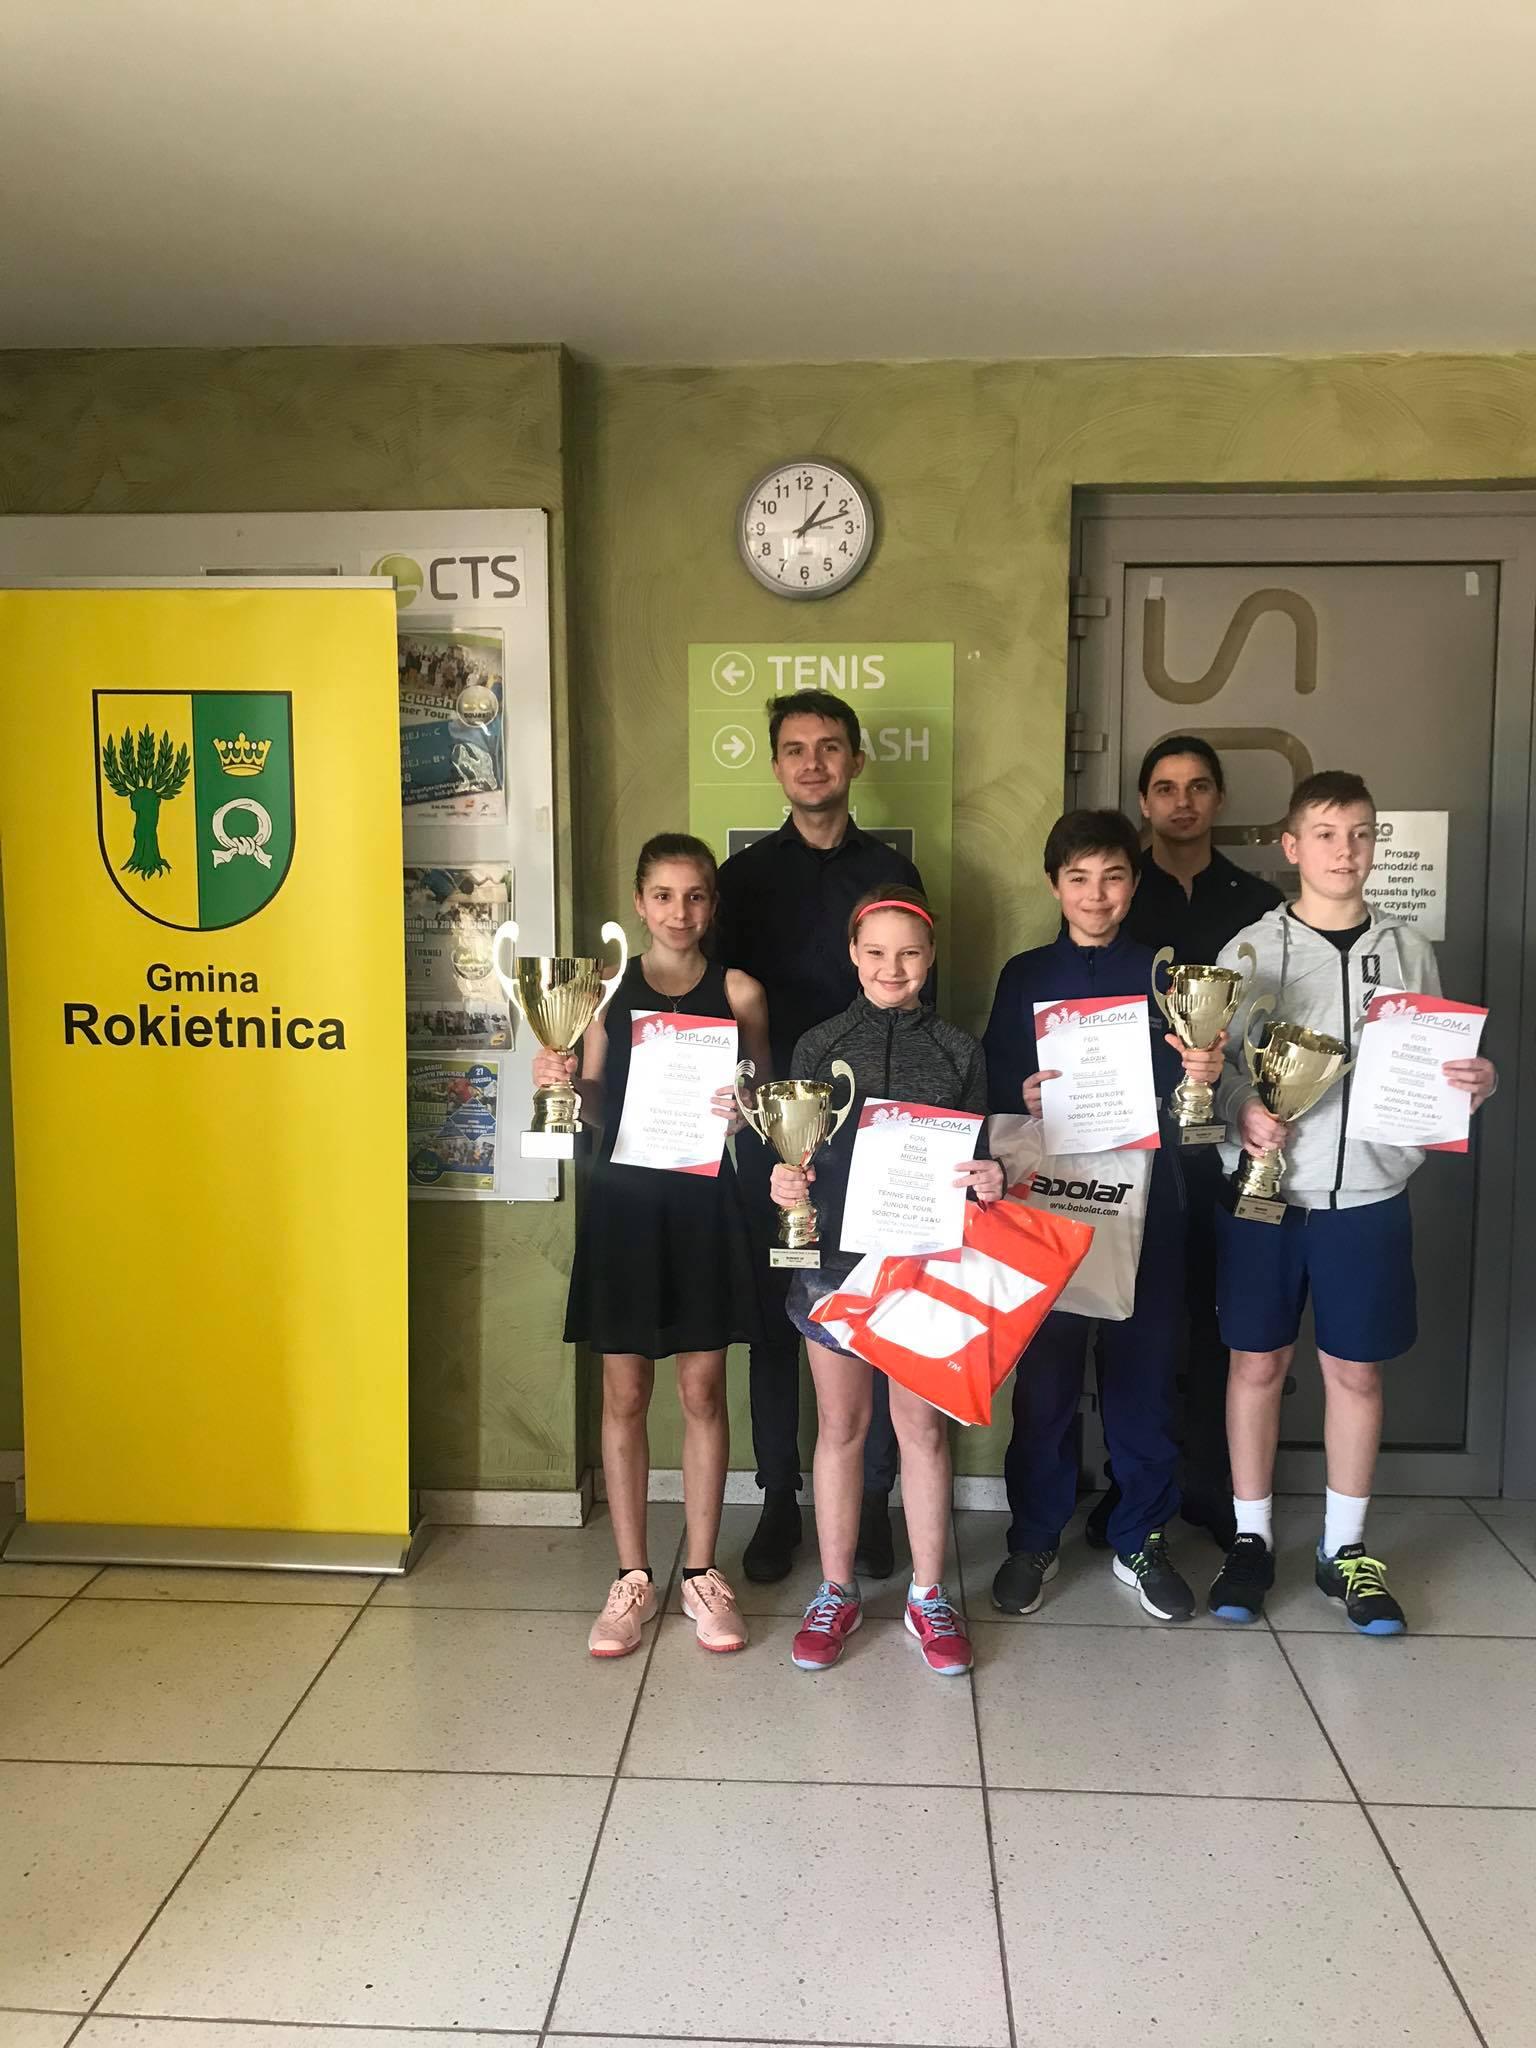 Na zdjęciu zwycięzcy Międzynarodowego Turnieju do lat 12 Sobota Cup Tennis Europe prezentujący zdobyte nagrody i dyplomy oraz organizatorzy turnieju.